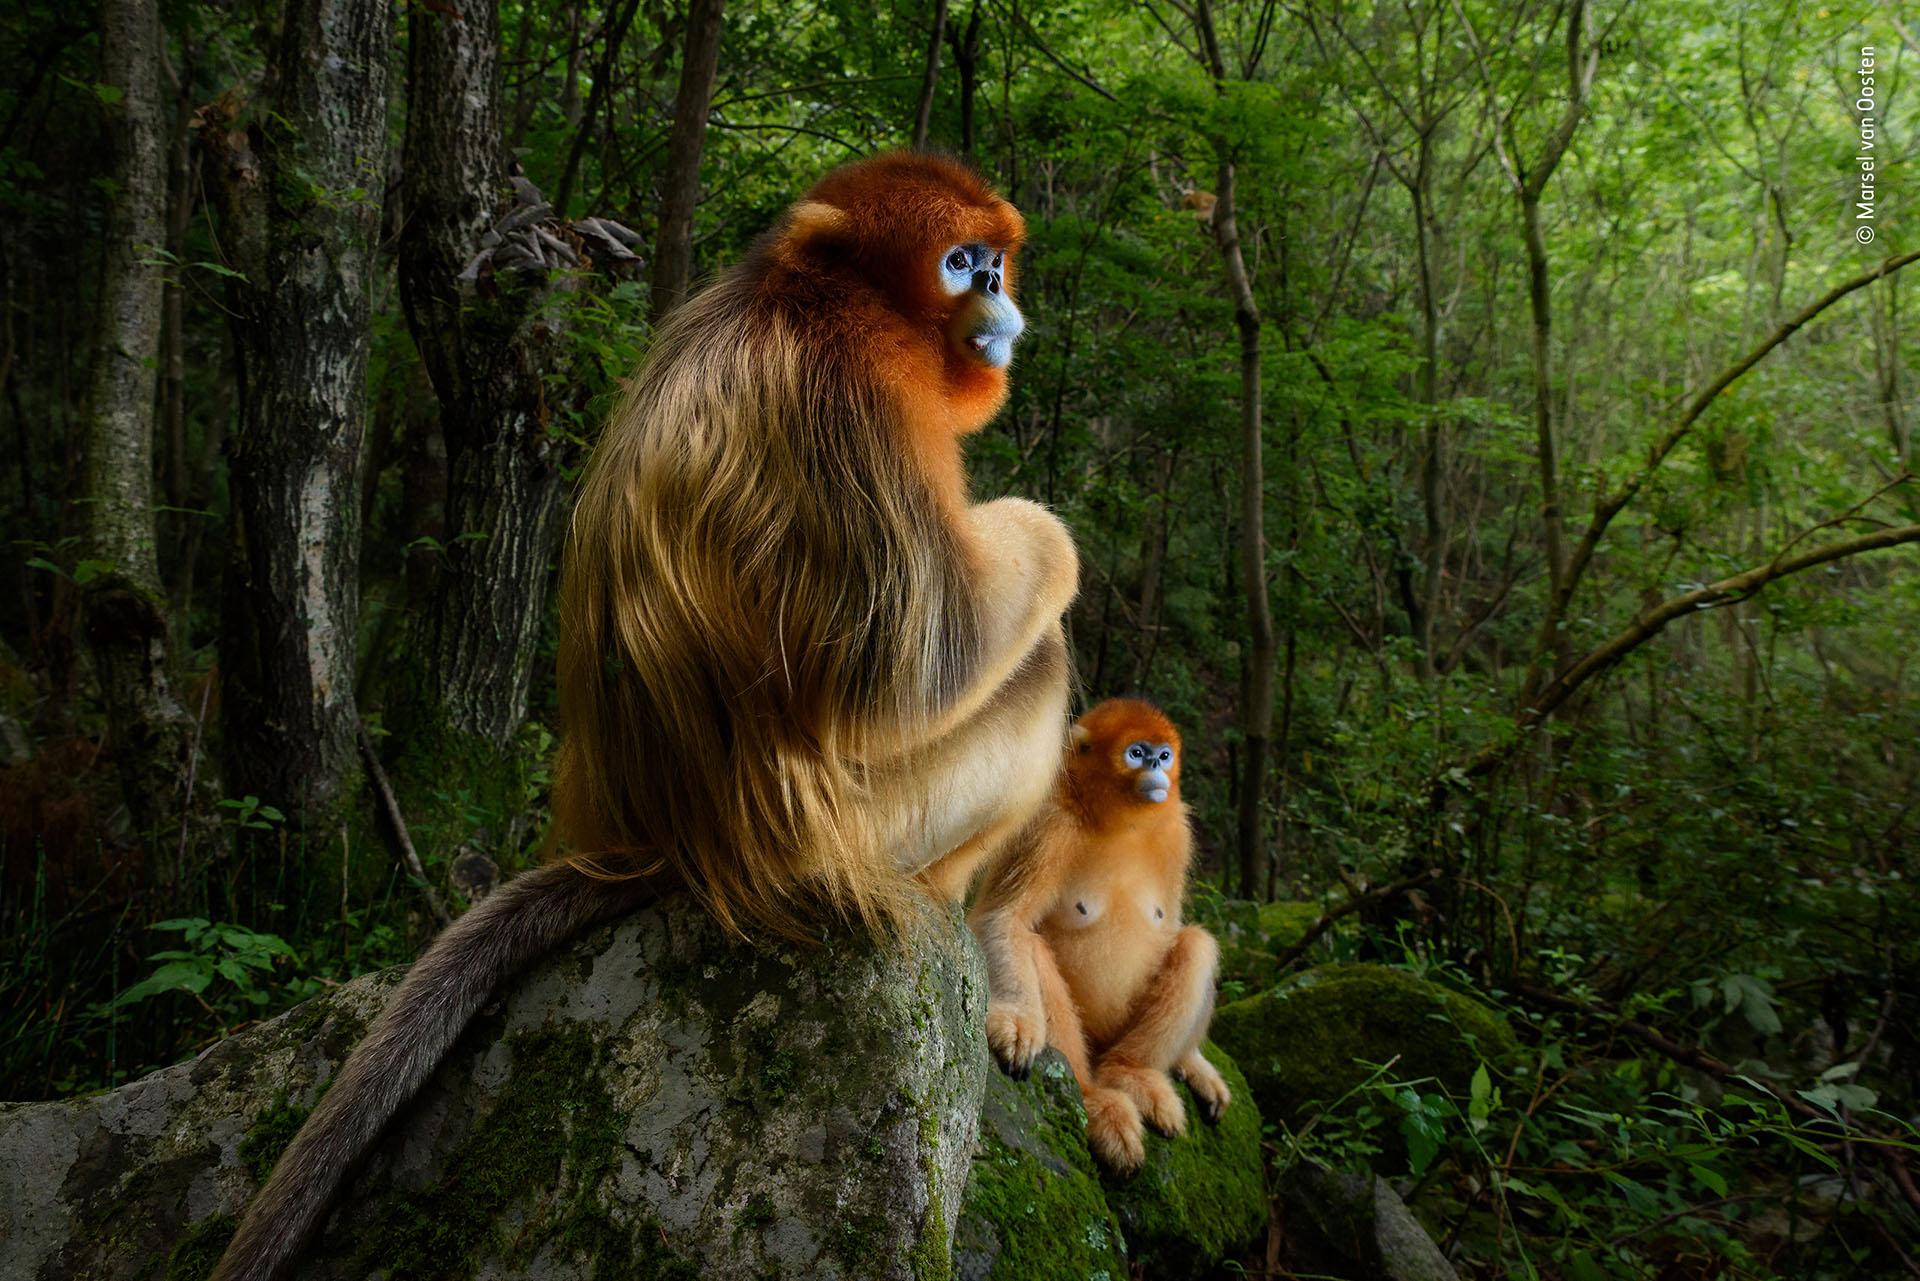 """Marsel van Oosten (Holanda), categoría Retrato de animales. """"La pareja dorada"""", dos primates de la especie langur chato dorado, en Qinling, China. """"Esta imagen es el recuerdo simbólico de la belleza de la naturaleza y cómo nos empobrecemos al destruirla"""", indicó Roz Kidman, miembro del jurado, sobre la foto ganadora anual"""